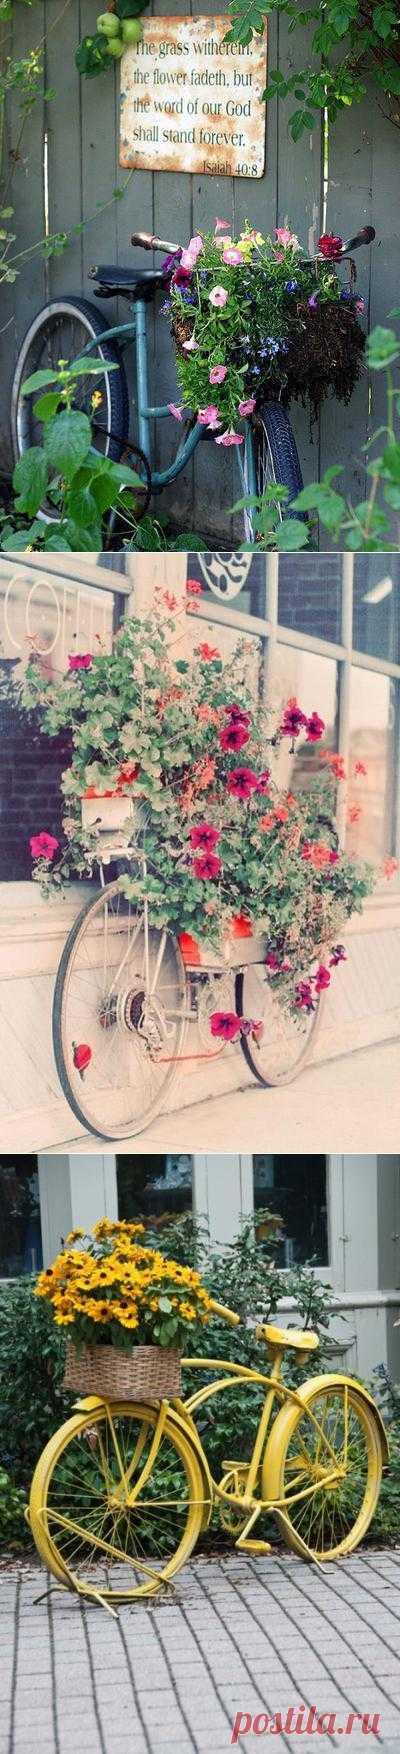 Дайте старому велосипеду новую жизнь!